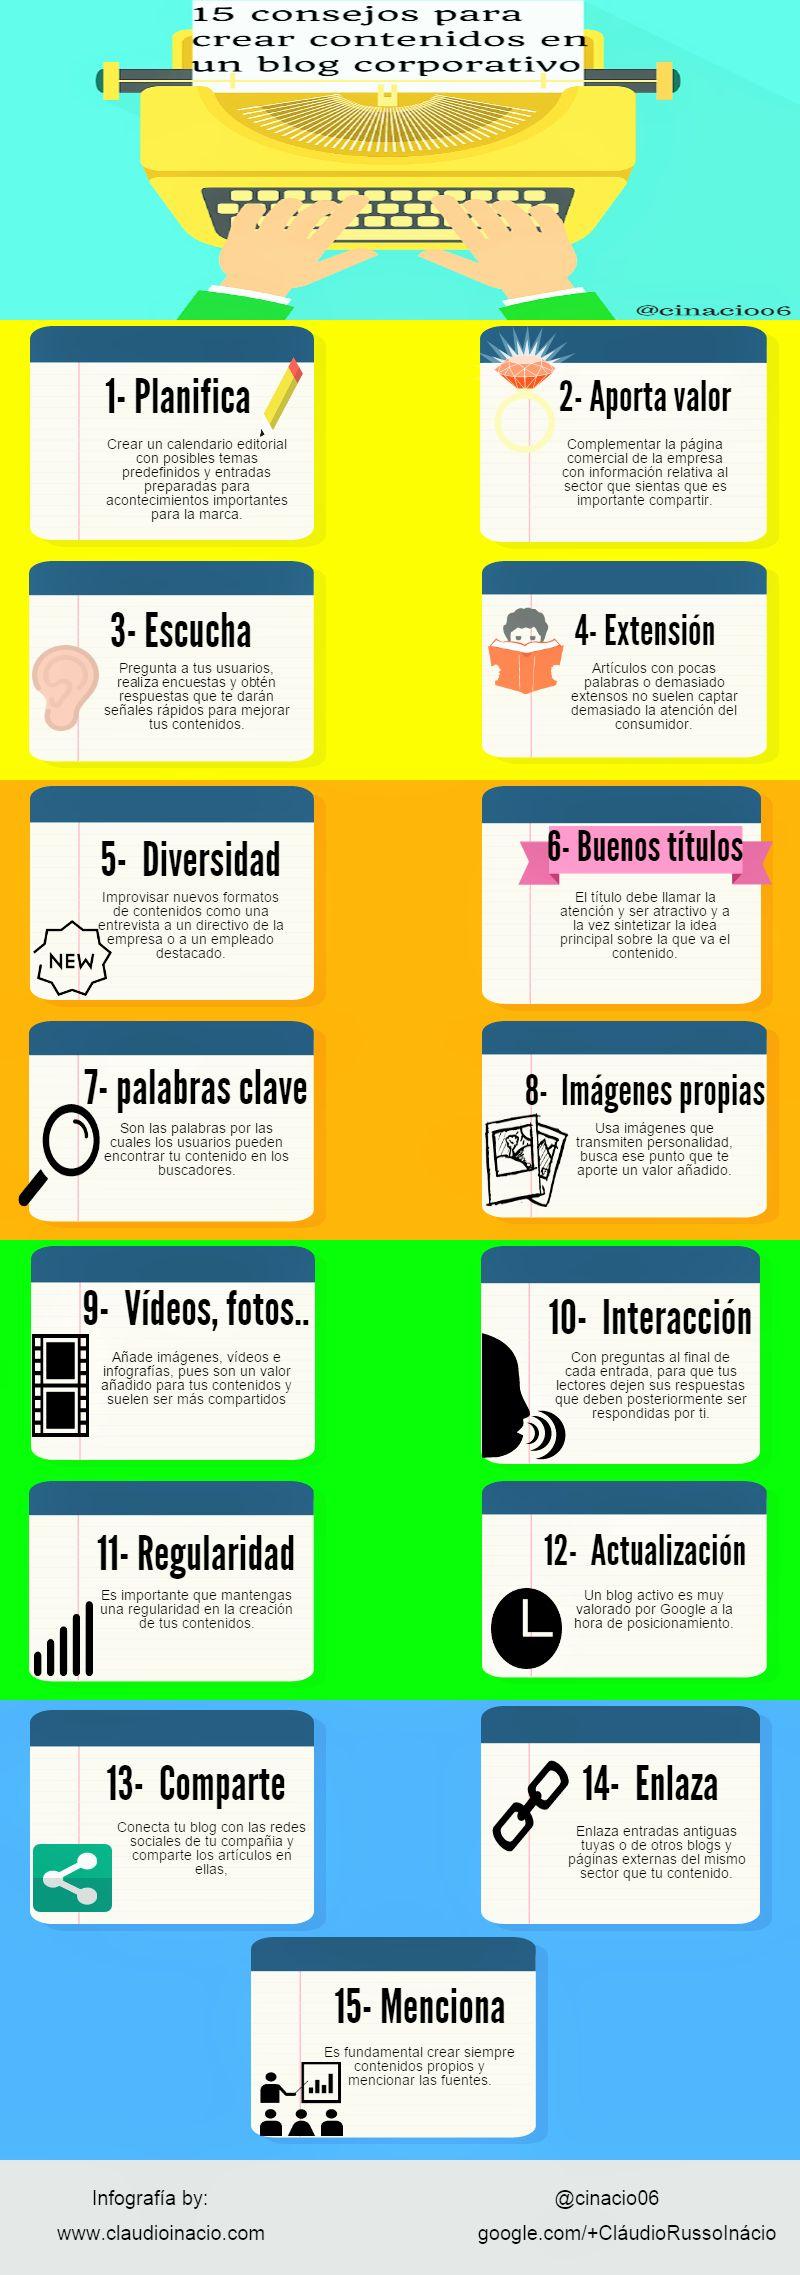 15 consejos para la creación de contenidos en un blog corporativo (infografía)